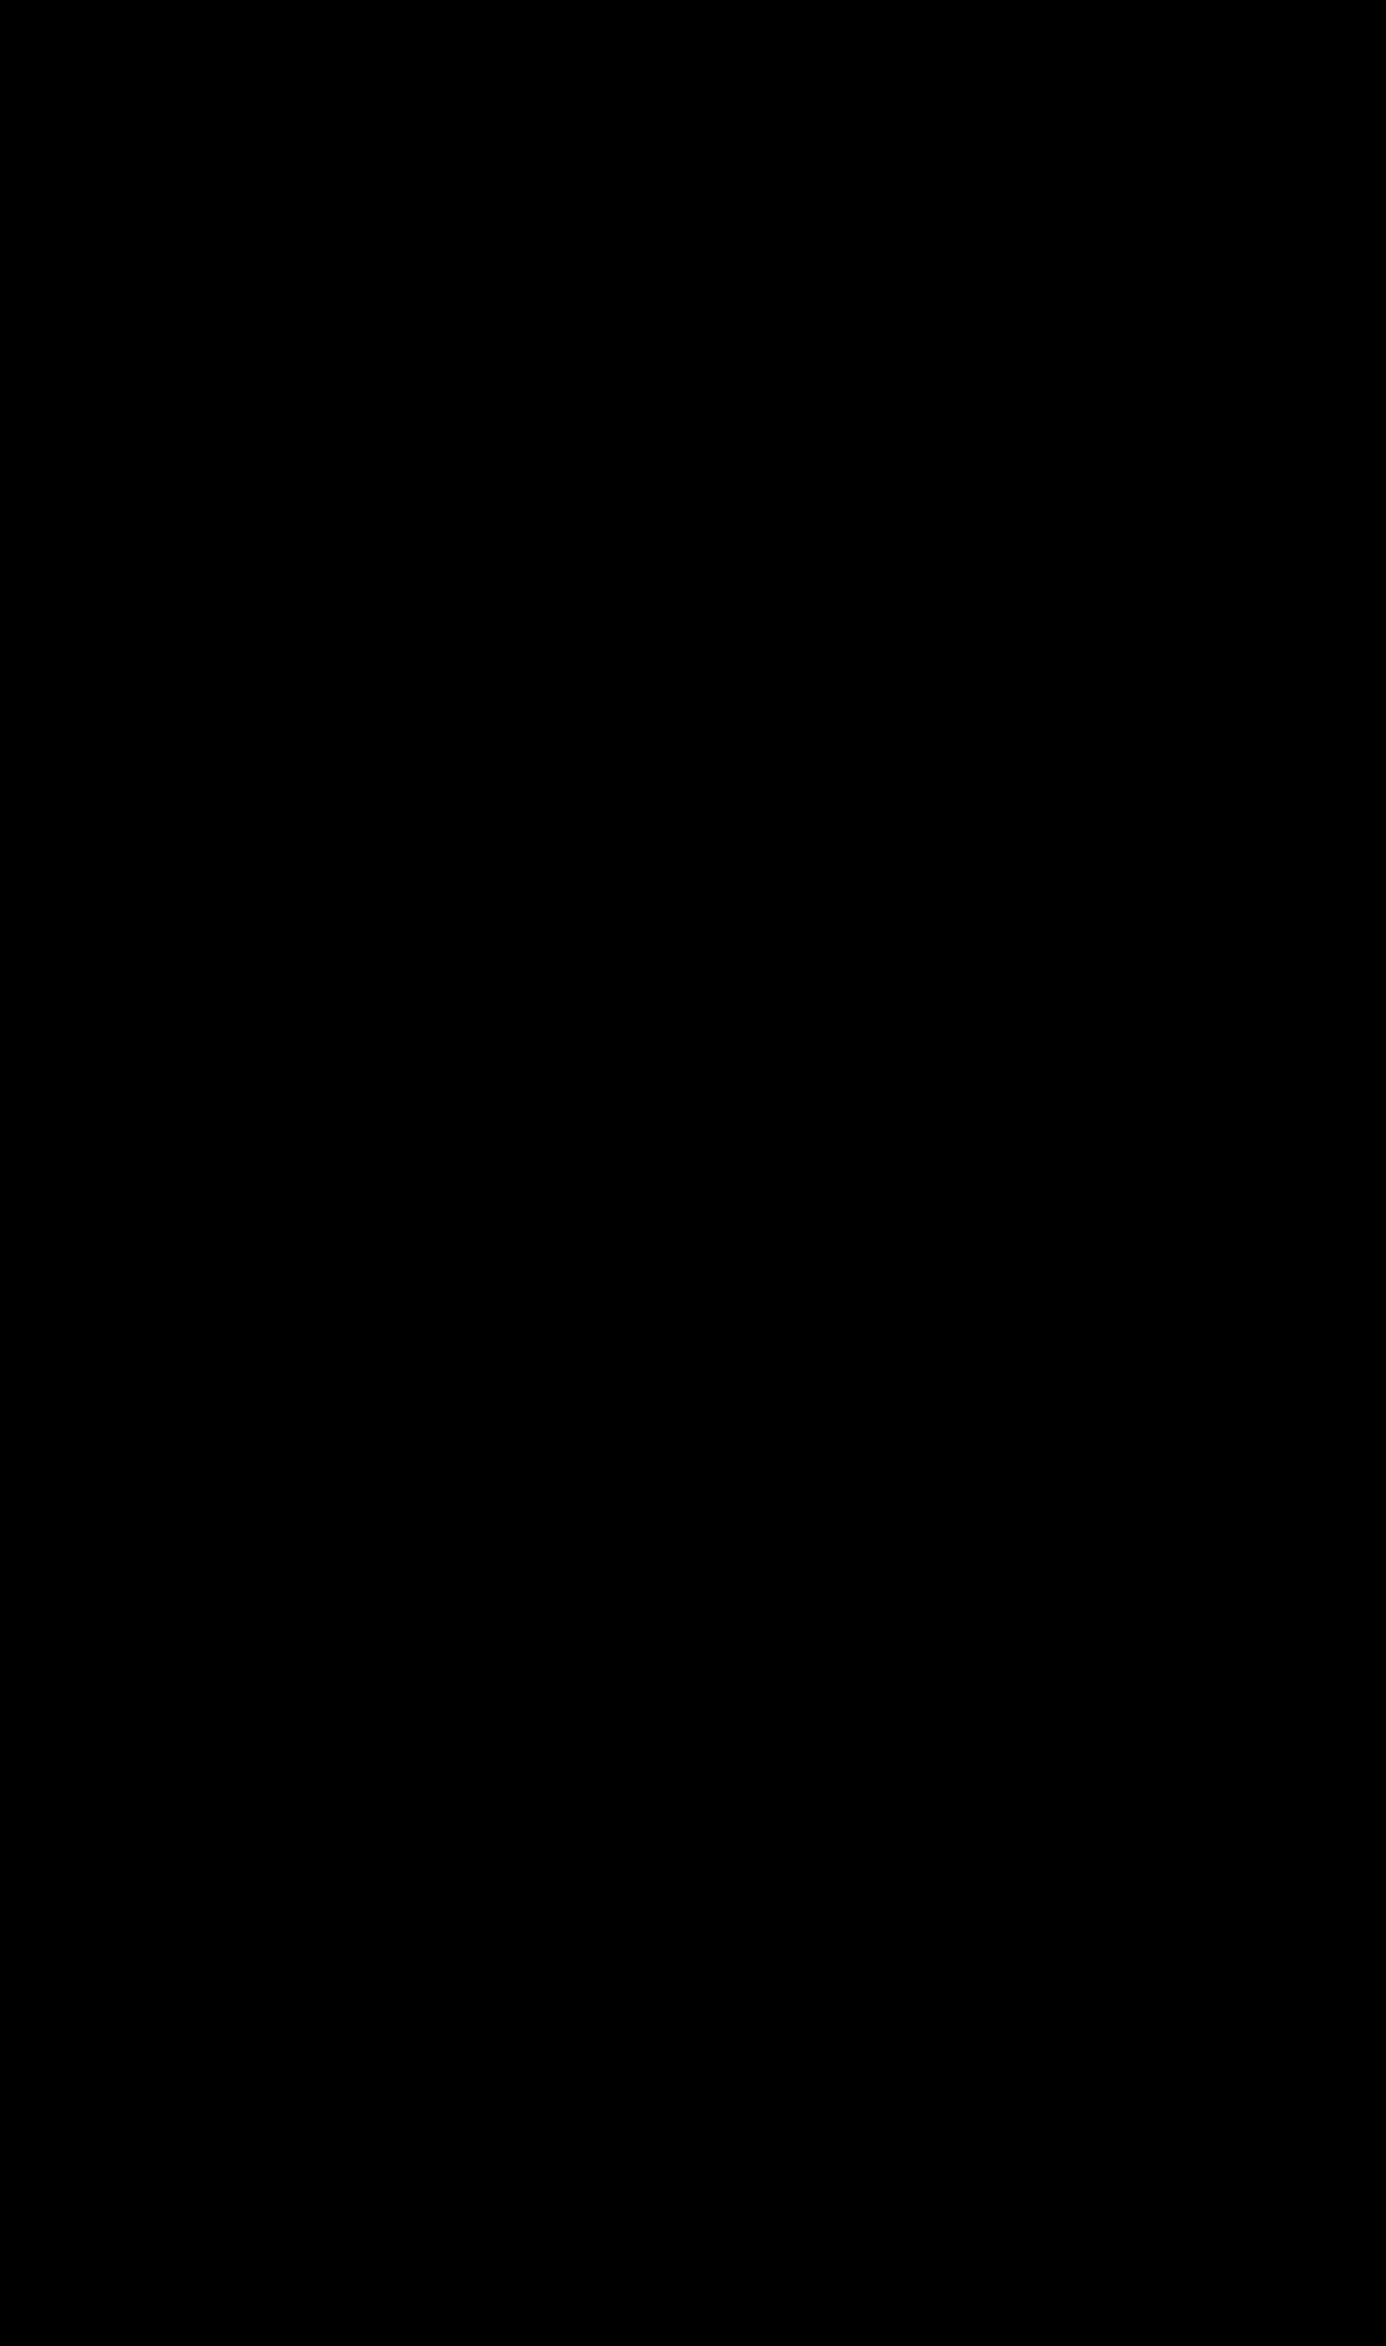 Clipart Men In Women Symbol